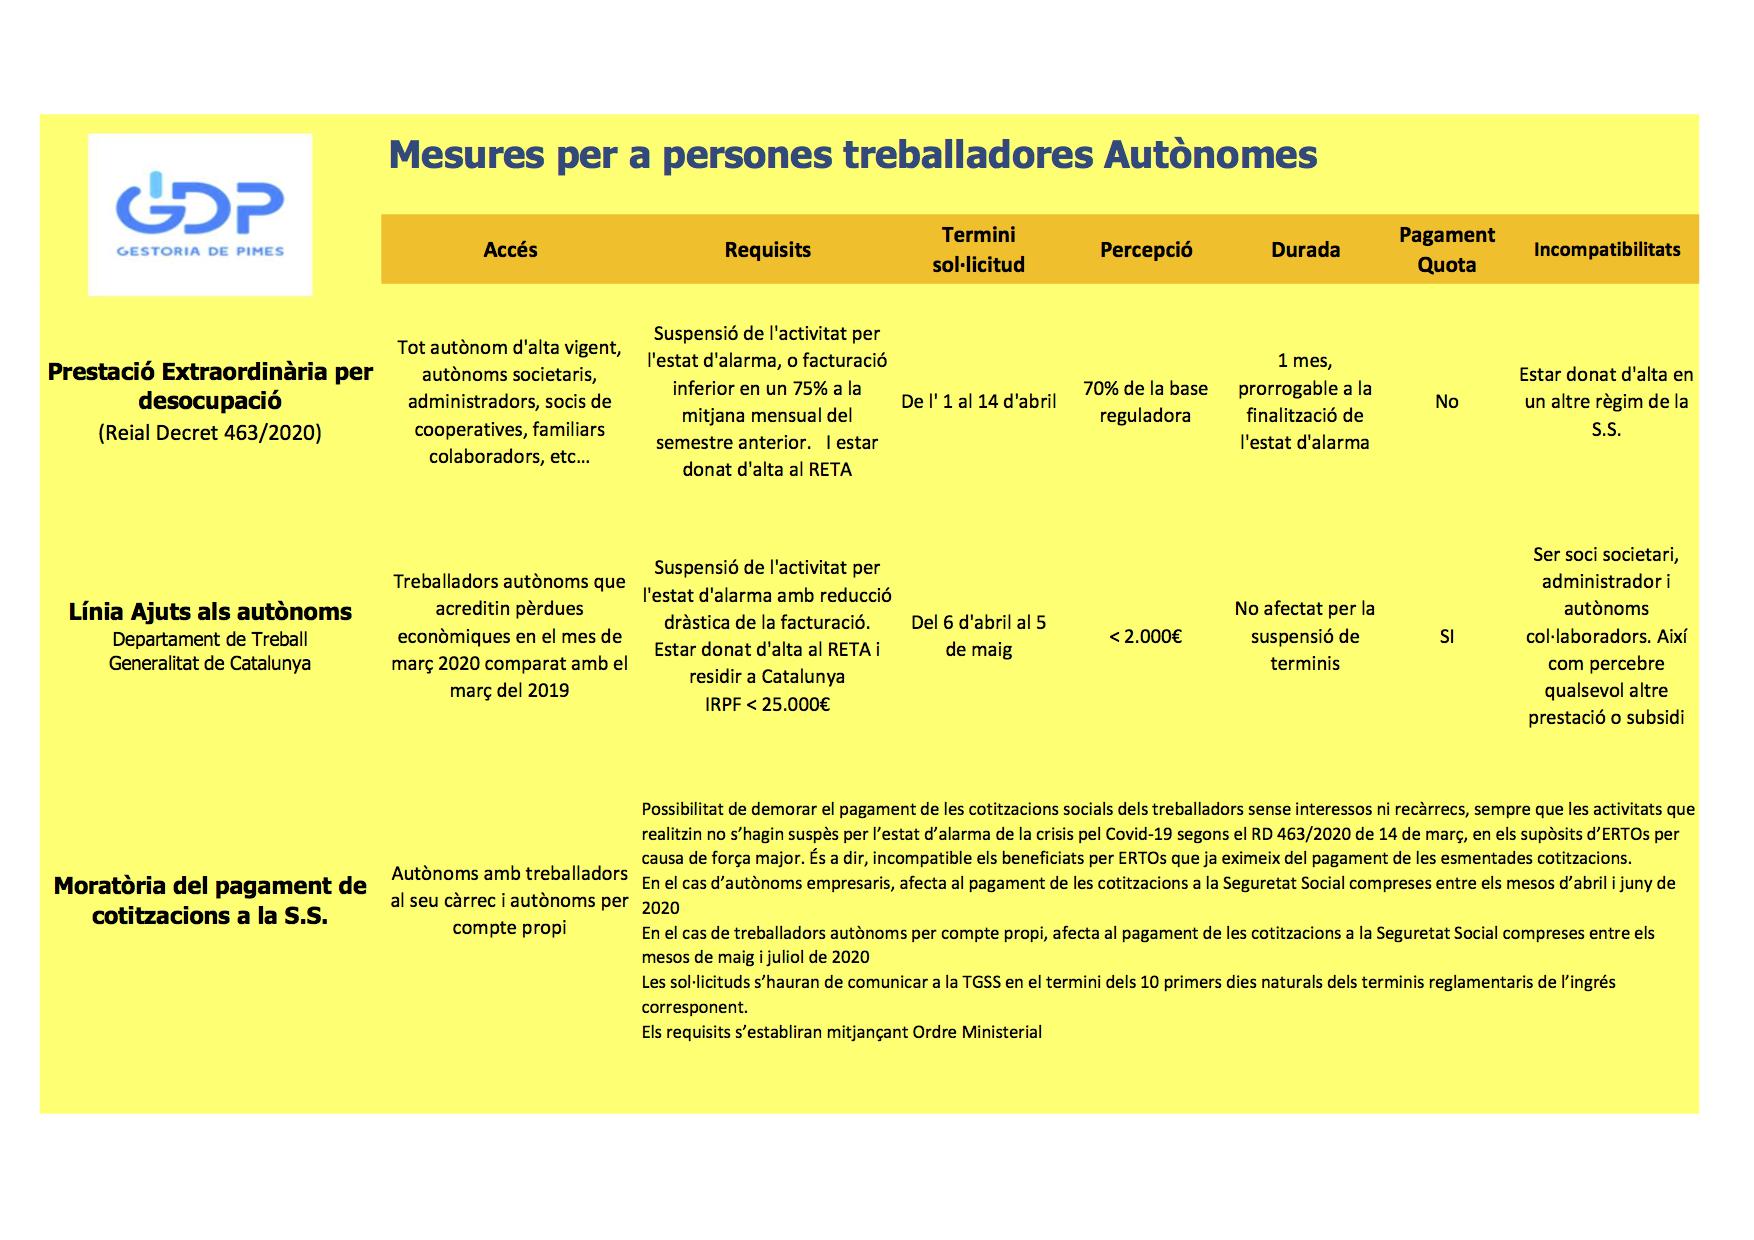 Mesures per a persones treballadores autònomes 2020 Covid19